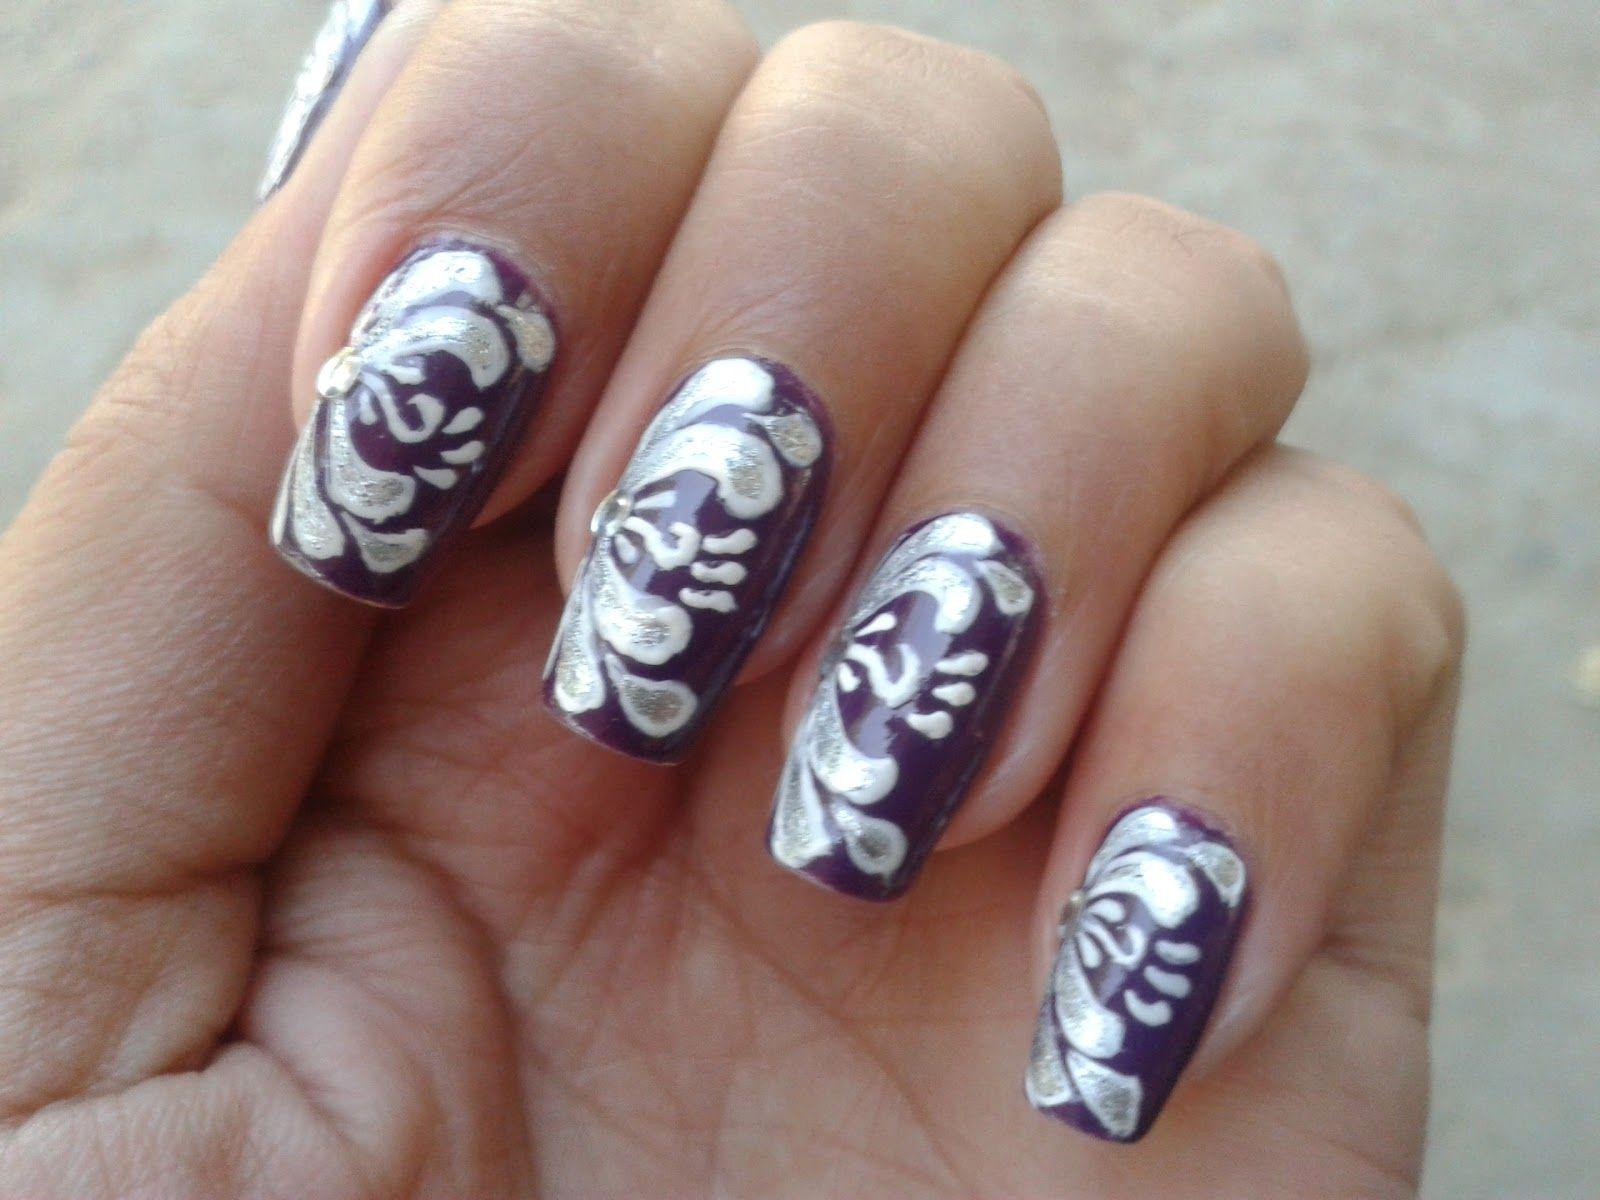 nail+design   Beautiful Nail Art Design - Creative Nail Designs and ...